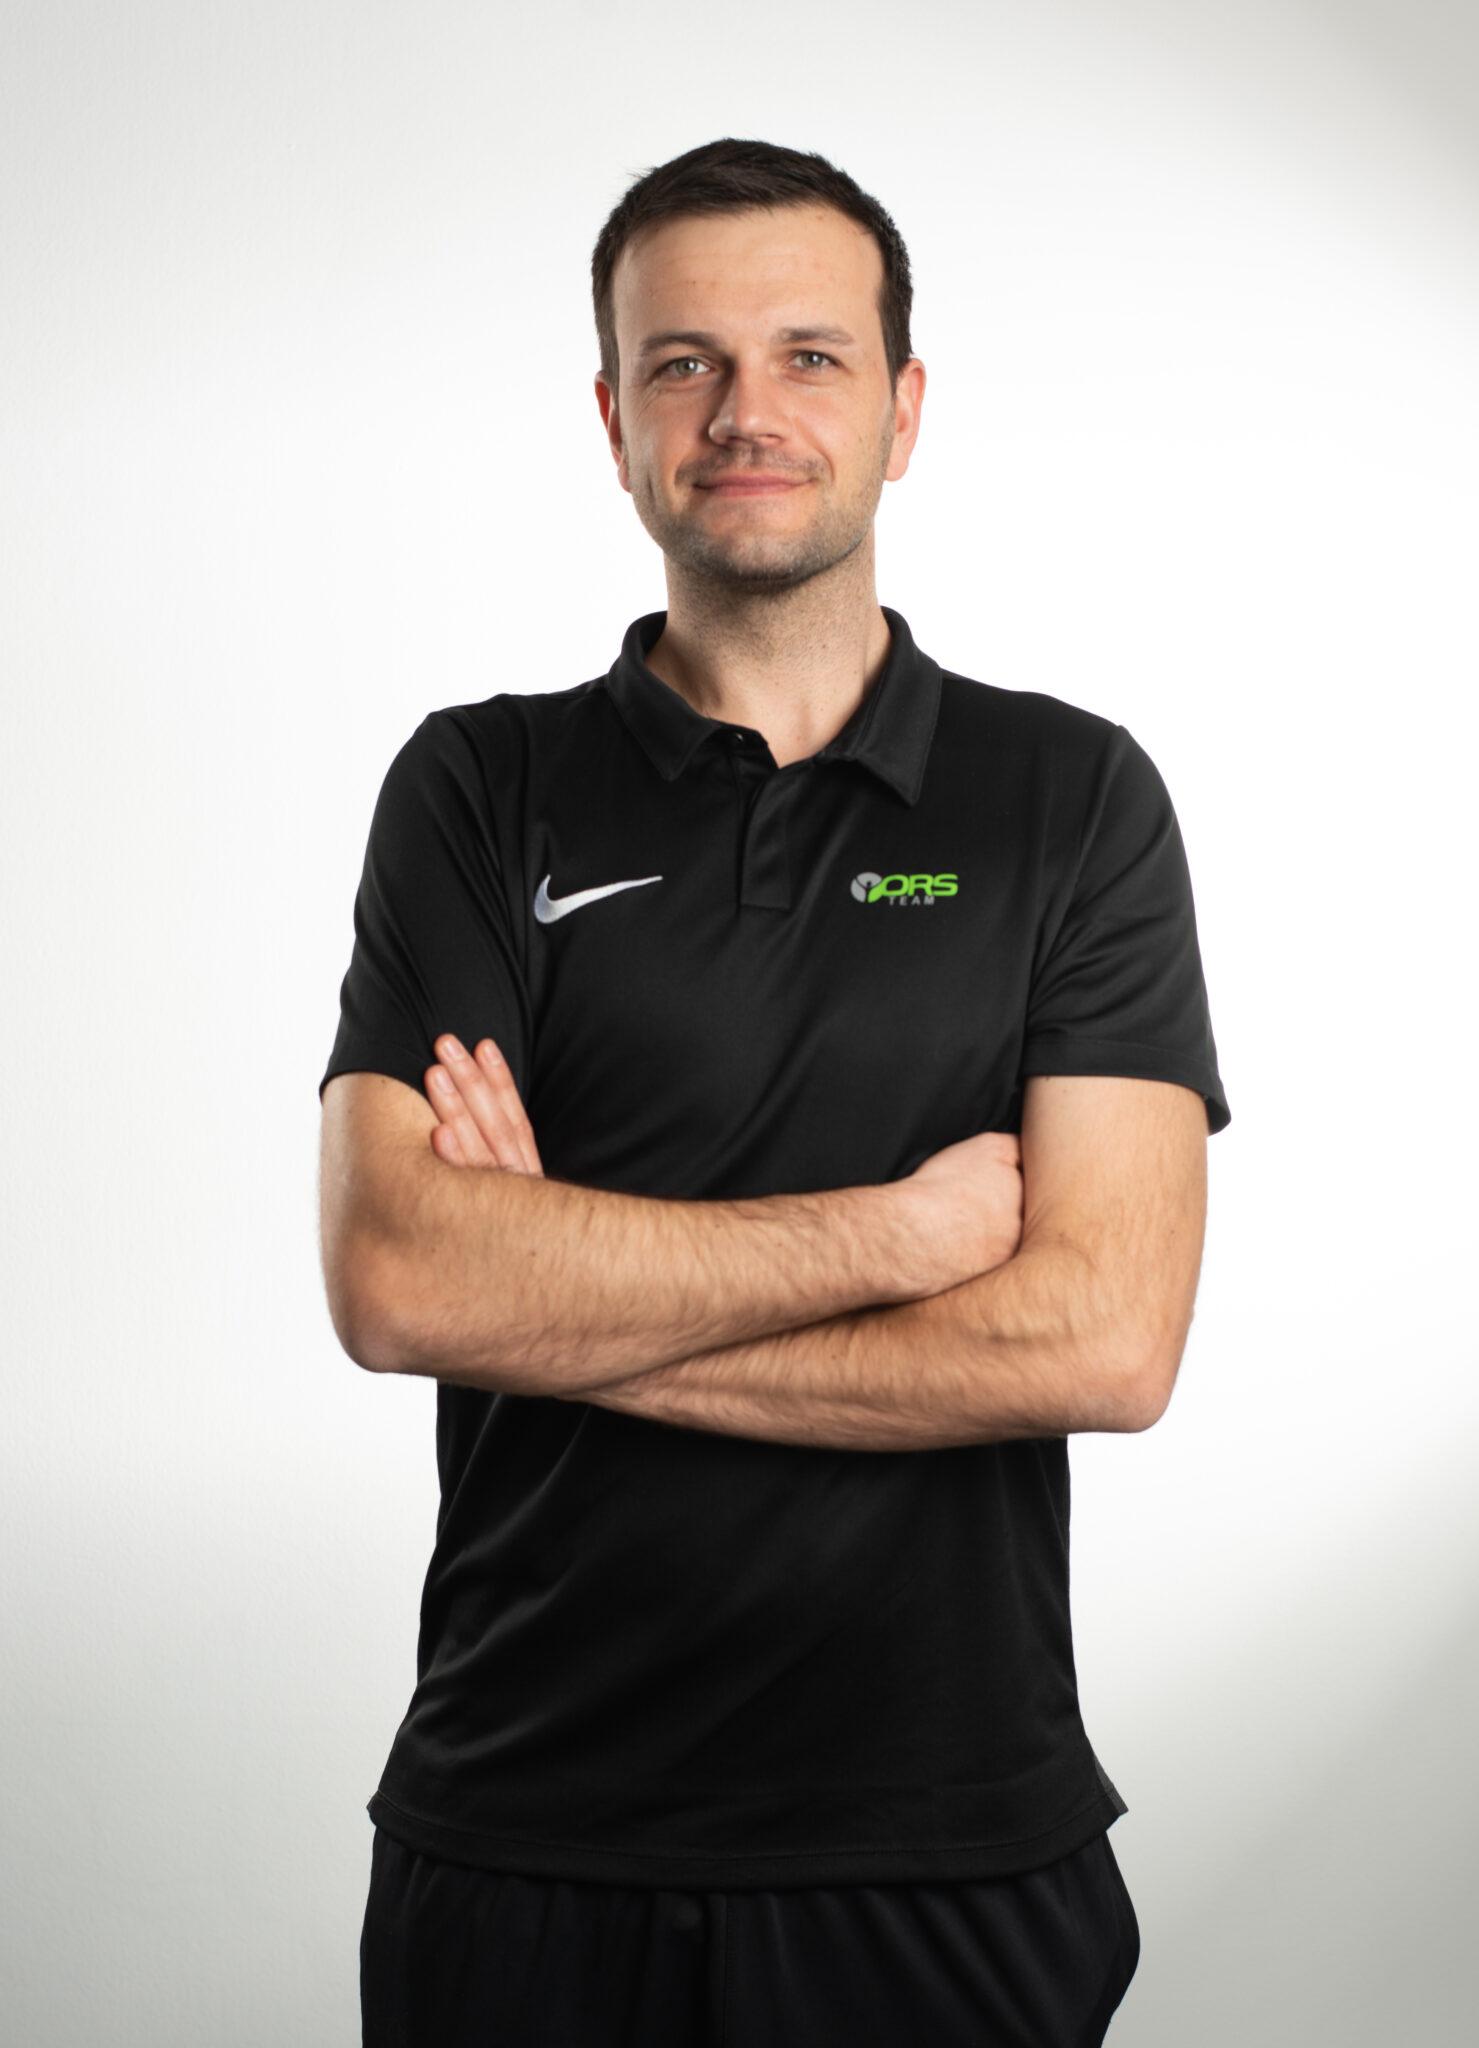 Sportwissenschaftler Sascha Bergmann